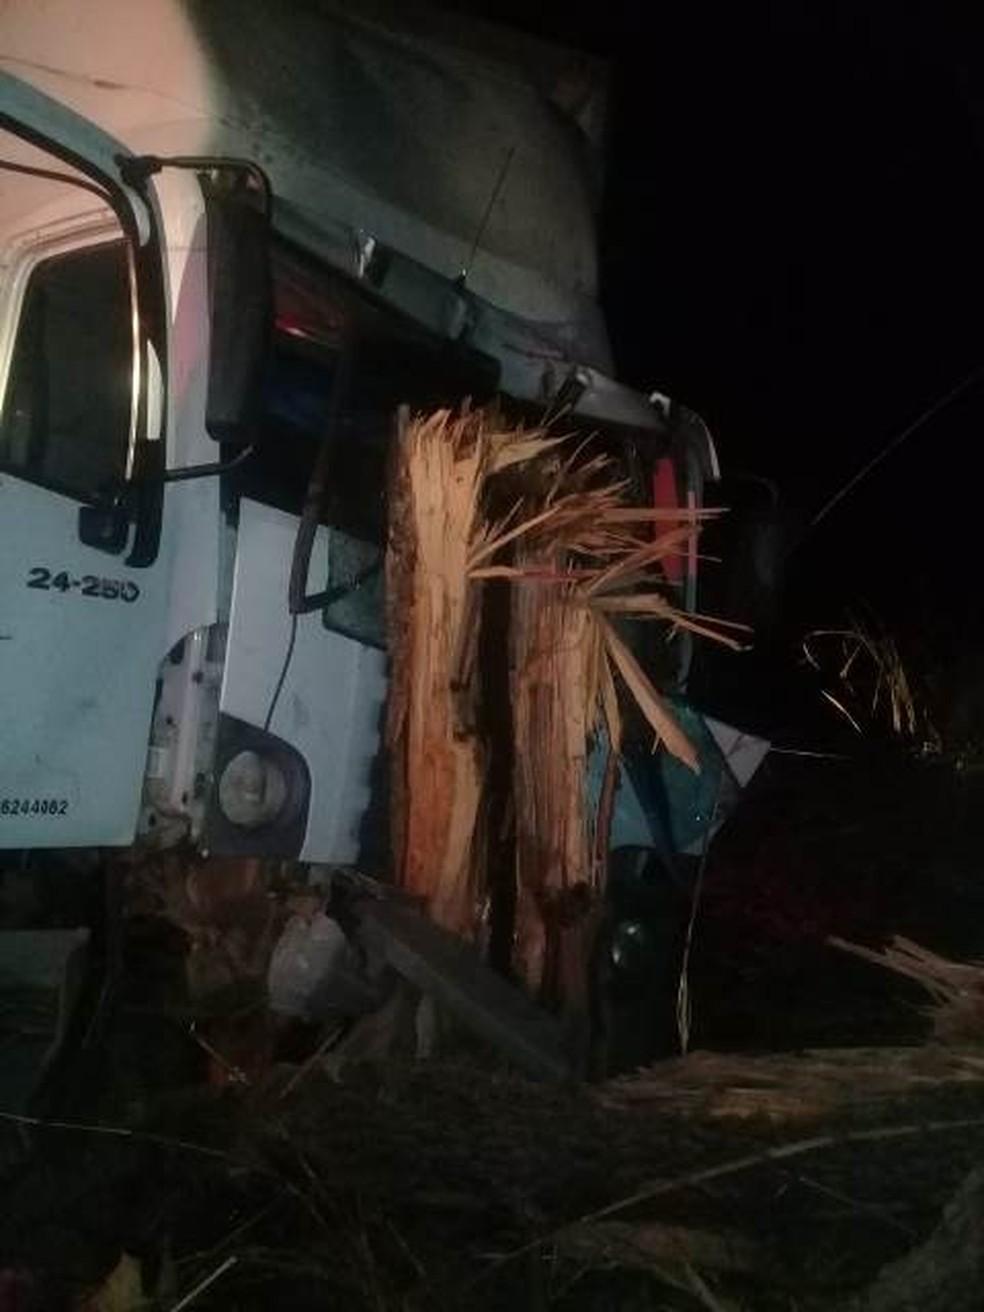 Motorista de carro morreu e bebê de 4 meses sobreviveu após ser lançado para fora de caminhão em acidente na BR-174 (Foto: Ripa nos Malandros)